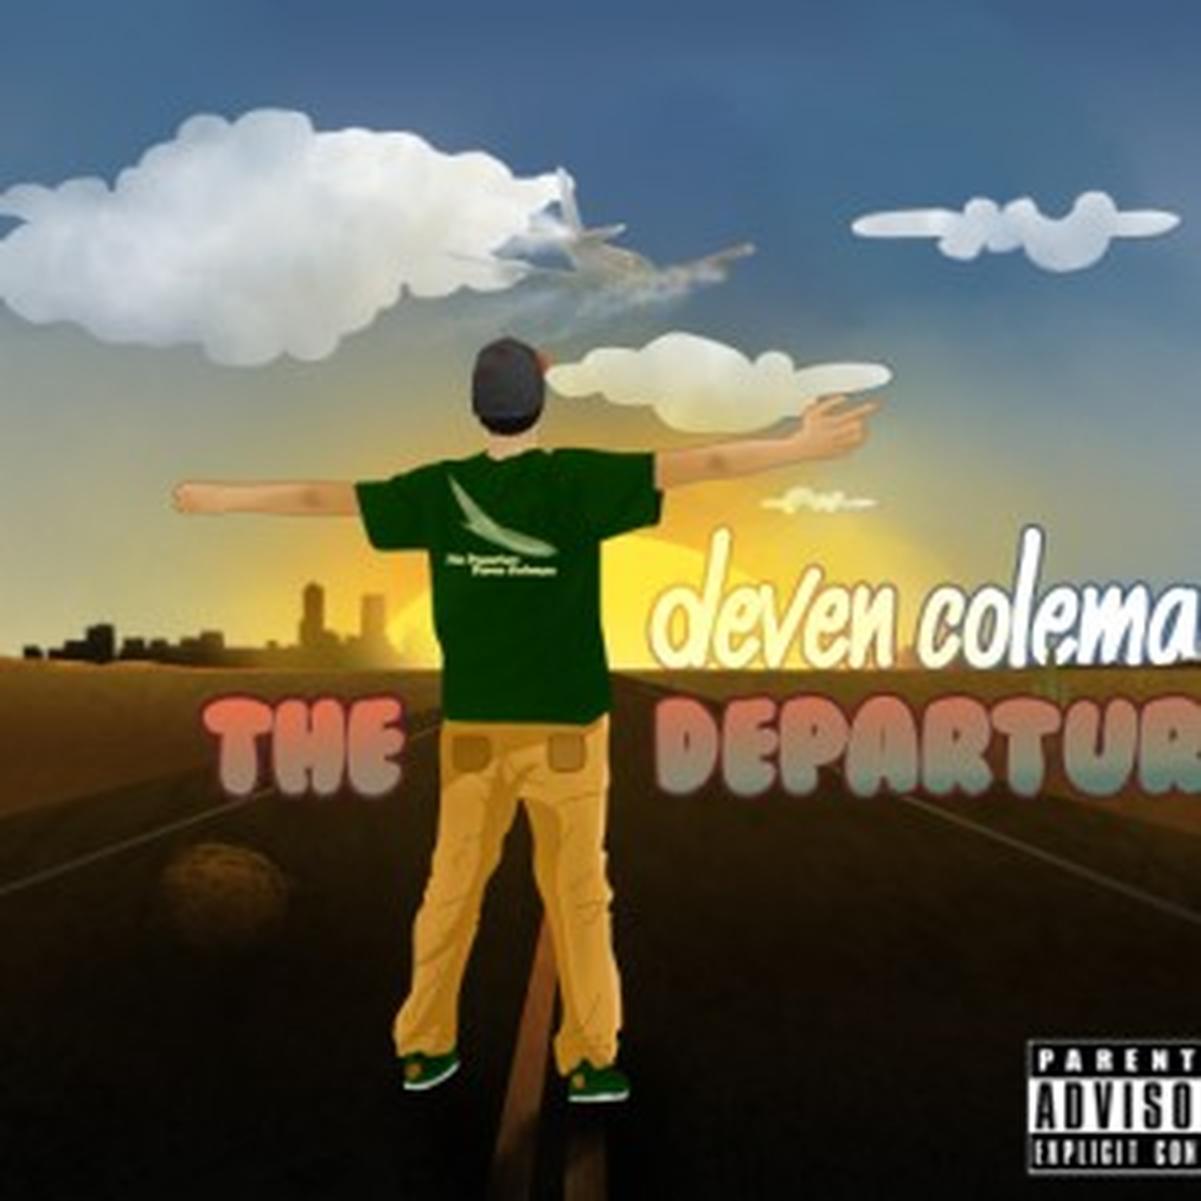 Deven Coleman